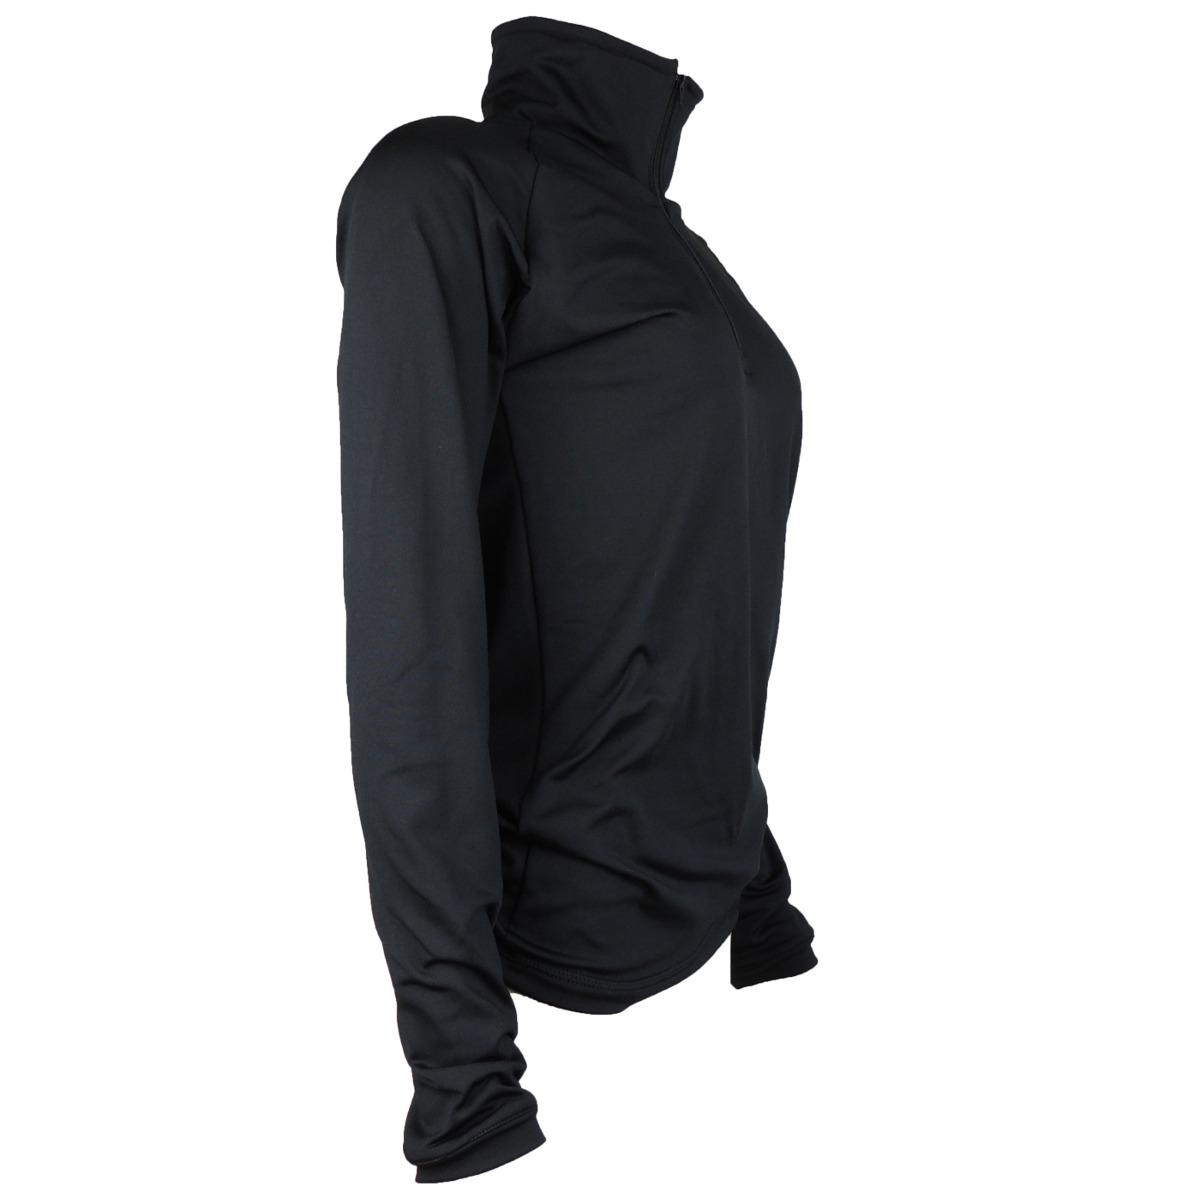 7ef2560f20 blusa térmica feminina segunda pele meio zíper thermo premiu. Carregando  zoom.